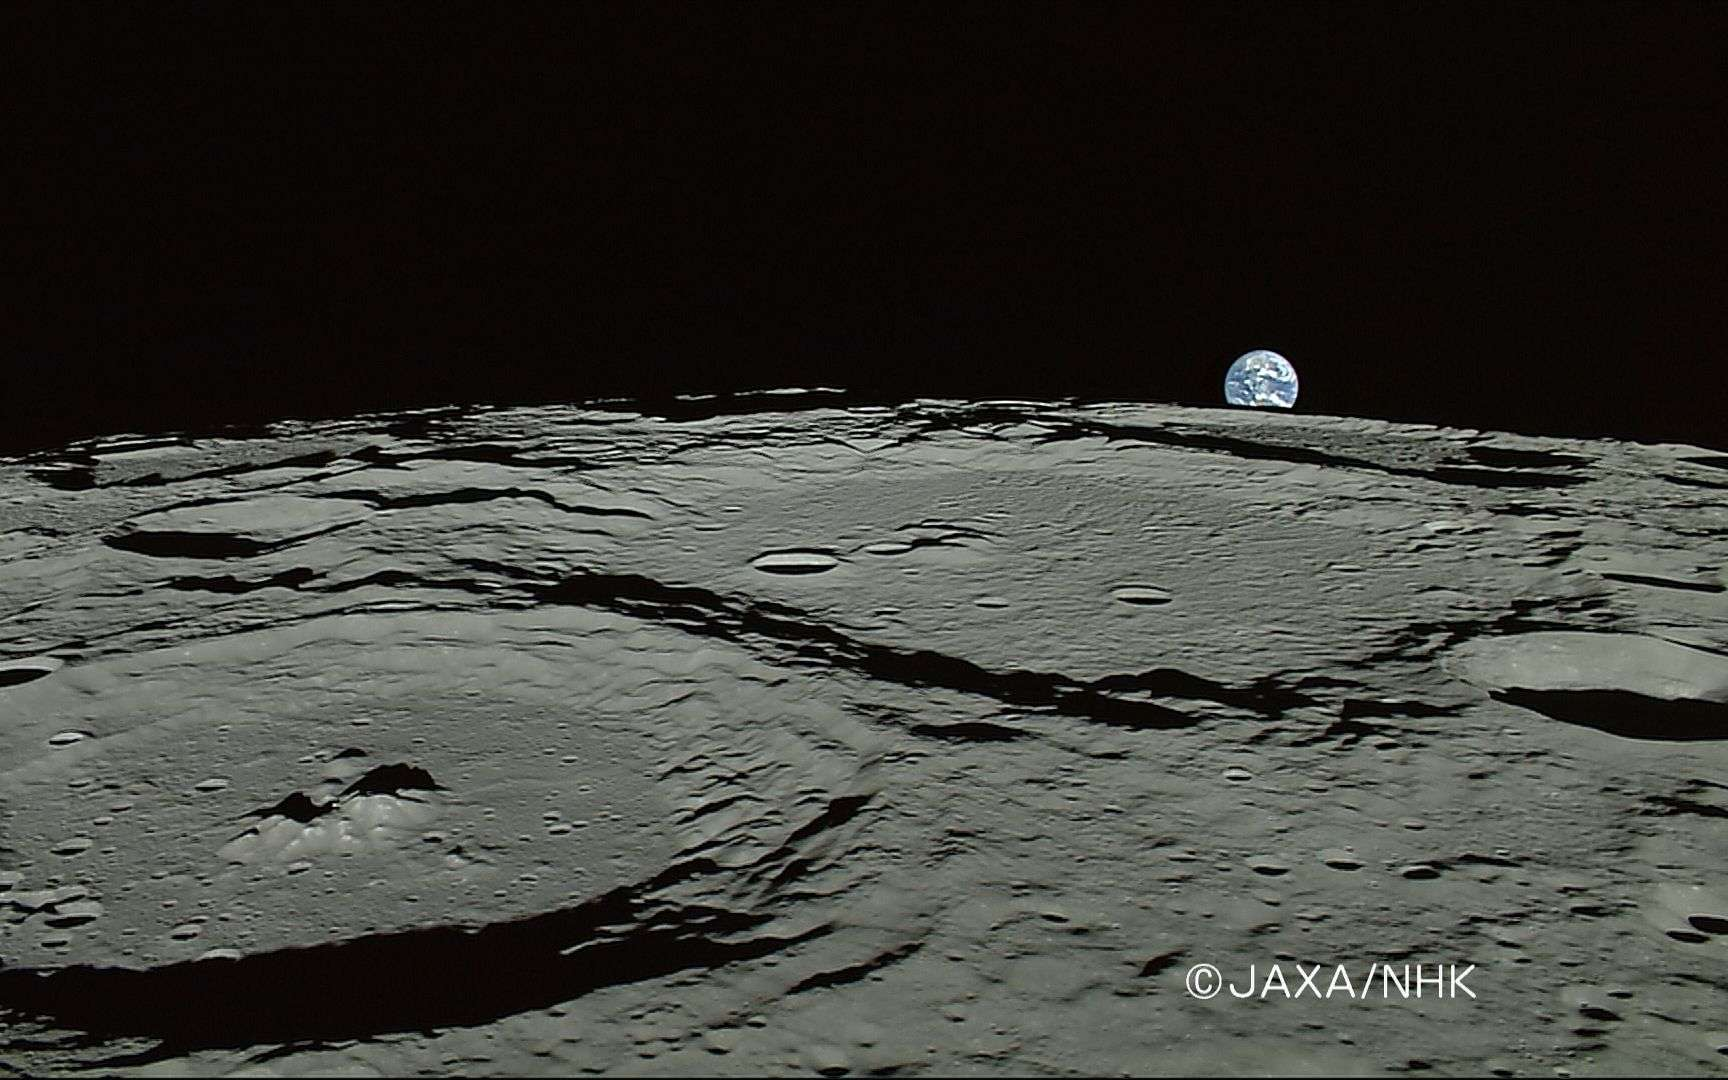 Une des remarquables photographies prises en 2007 par la sonde japonaise Kaguya qui tournait autour de la Lune à très faible altitude. © Jaxa, NHK